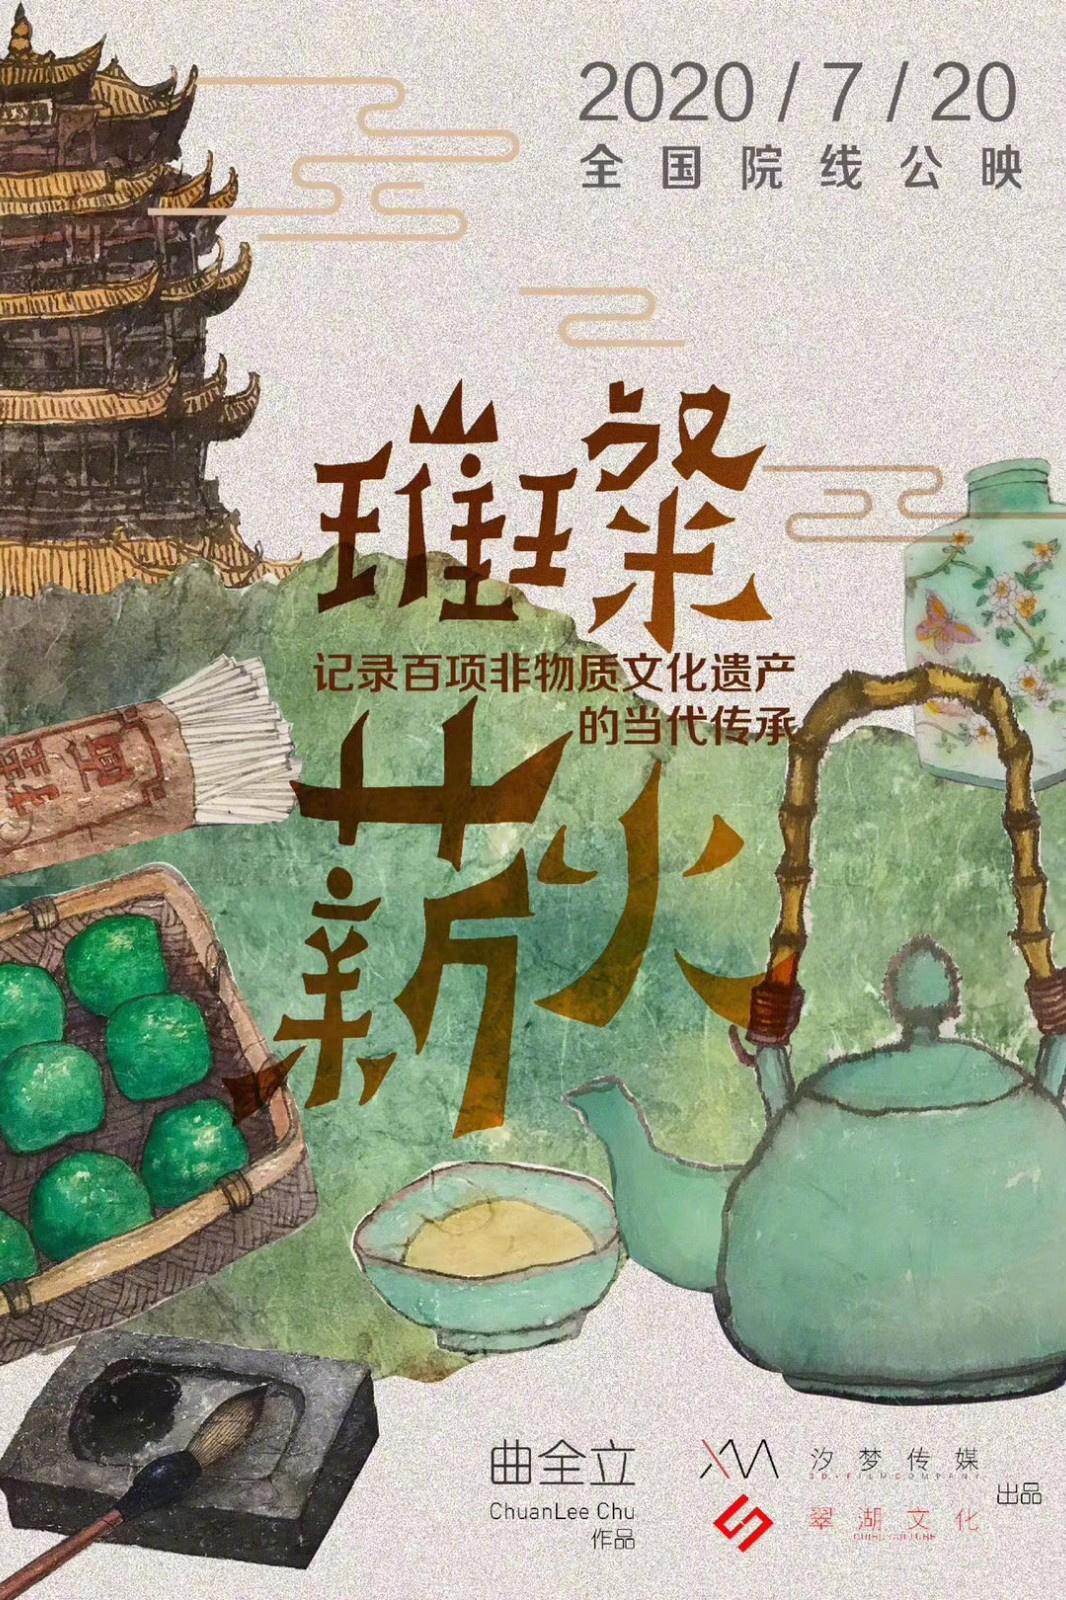 纪录片《璀璨薪火》7.20公映 展现中国匠人群像